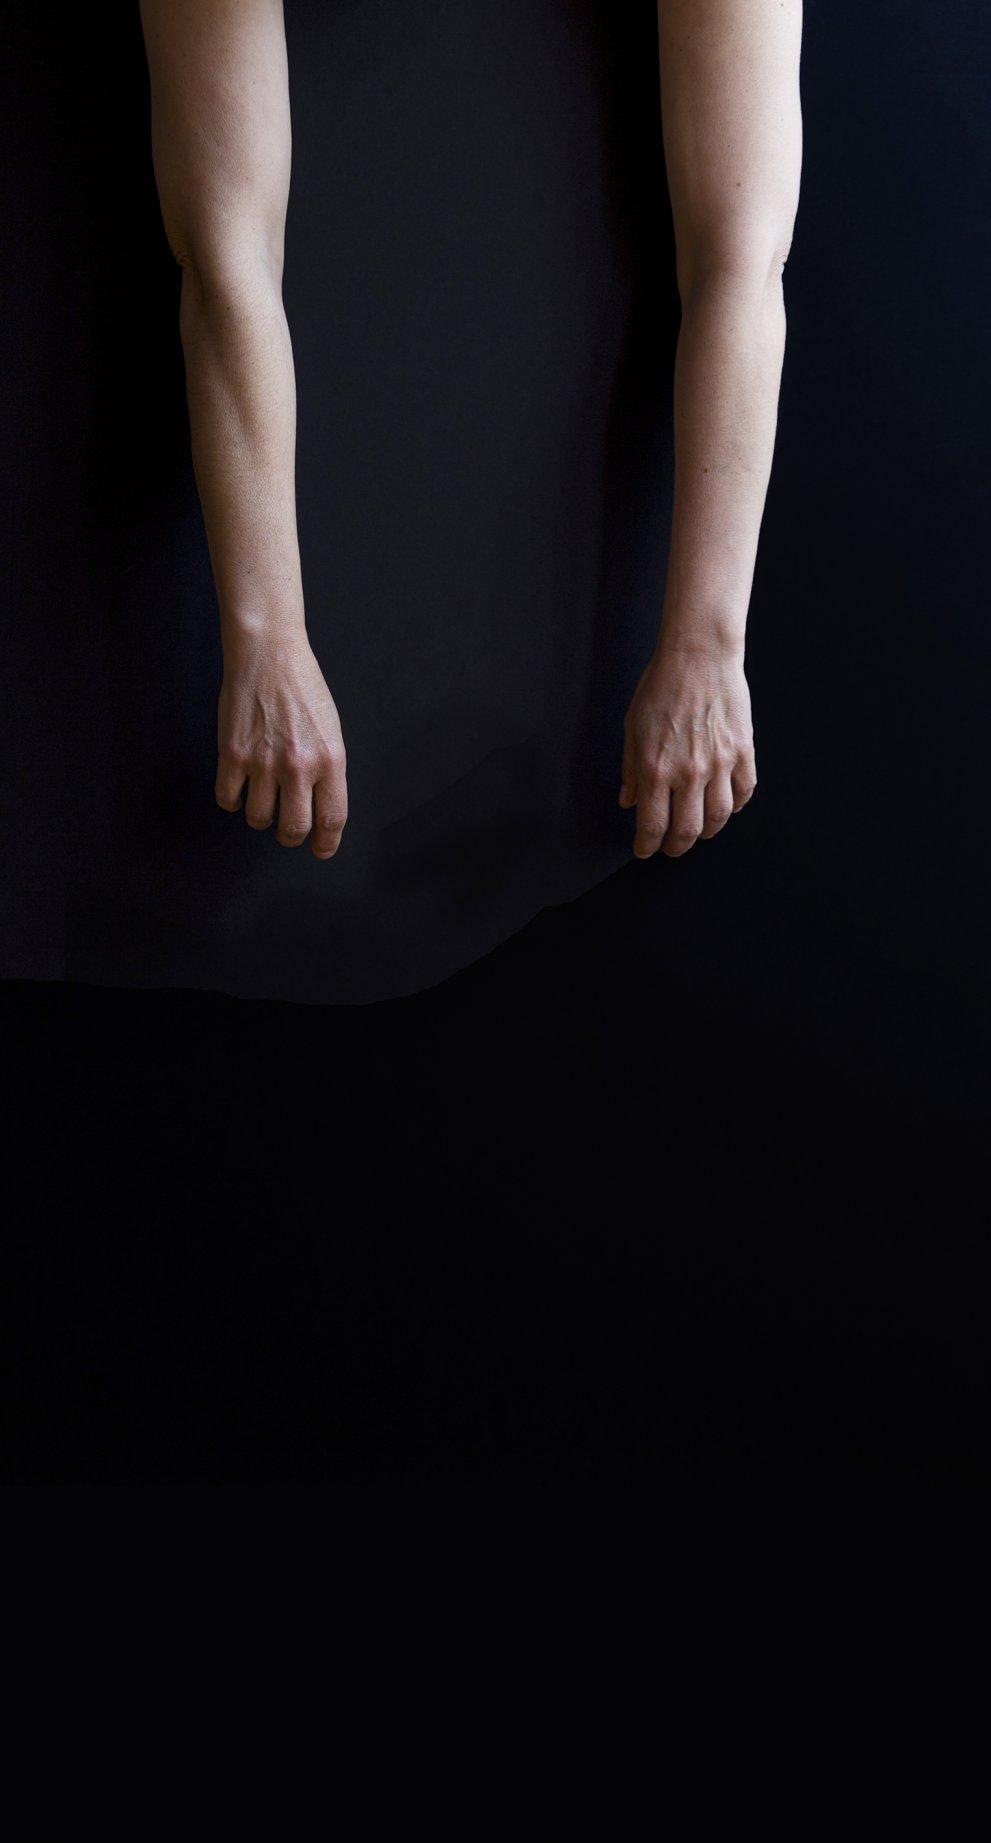 Abatida (2016) - Ofelia Cardo